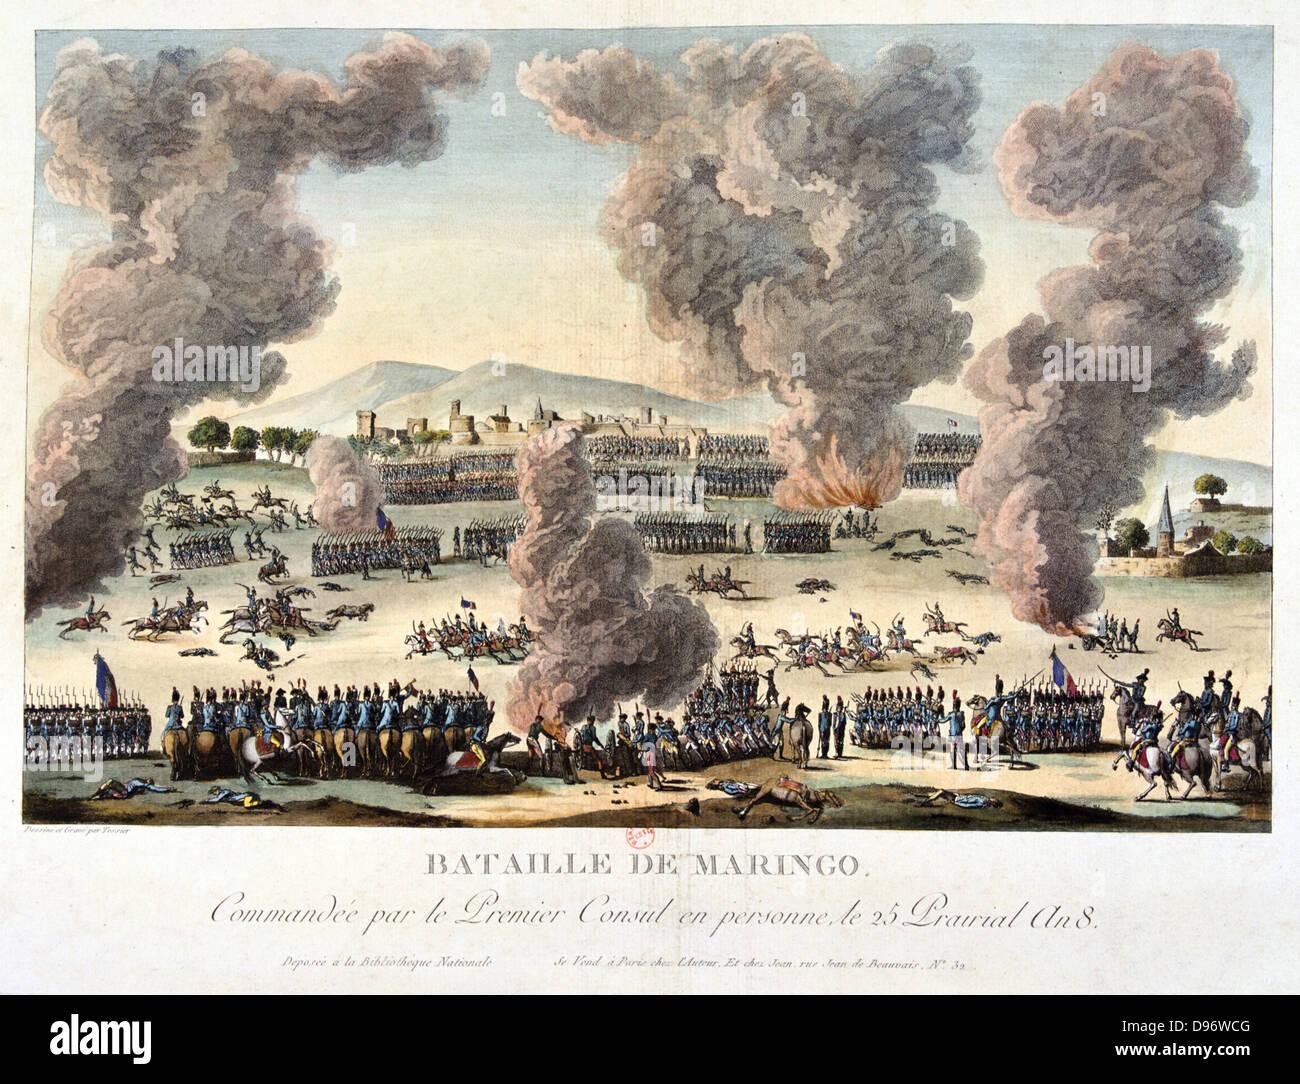 La Battaglia di Marengo, 14 giugno 1800. Forze francesi sotto Napoleone sconfitto austriaci. Litografia colorata. Immagini Stock